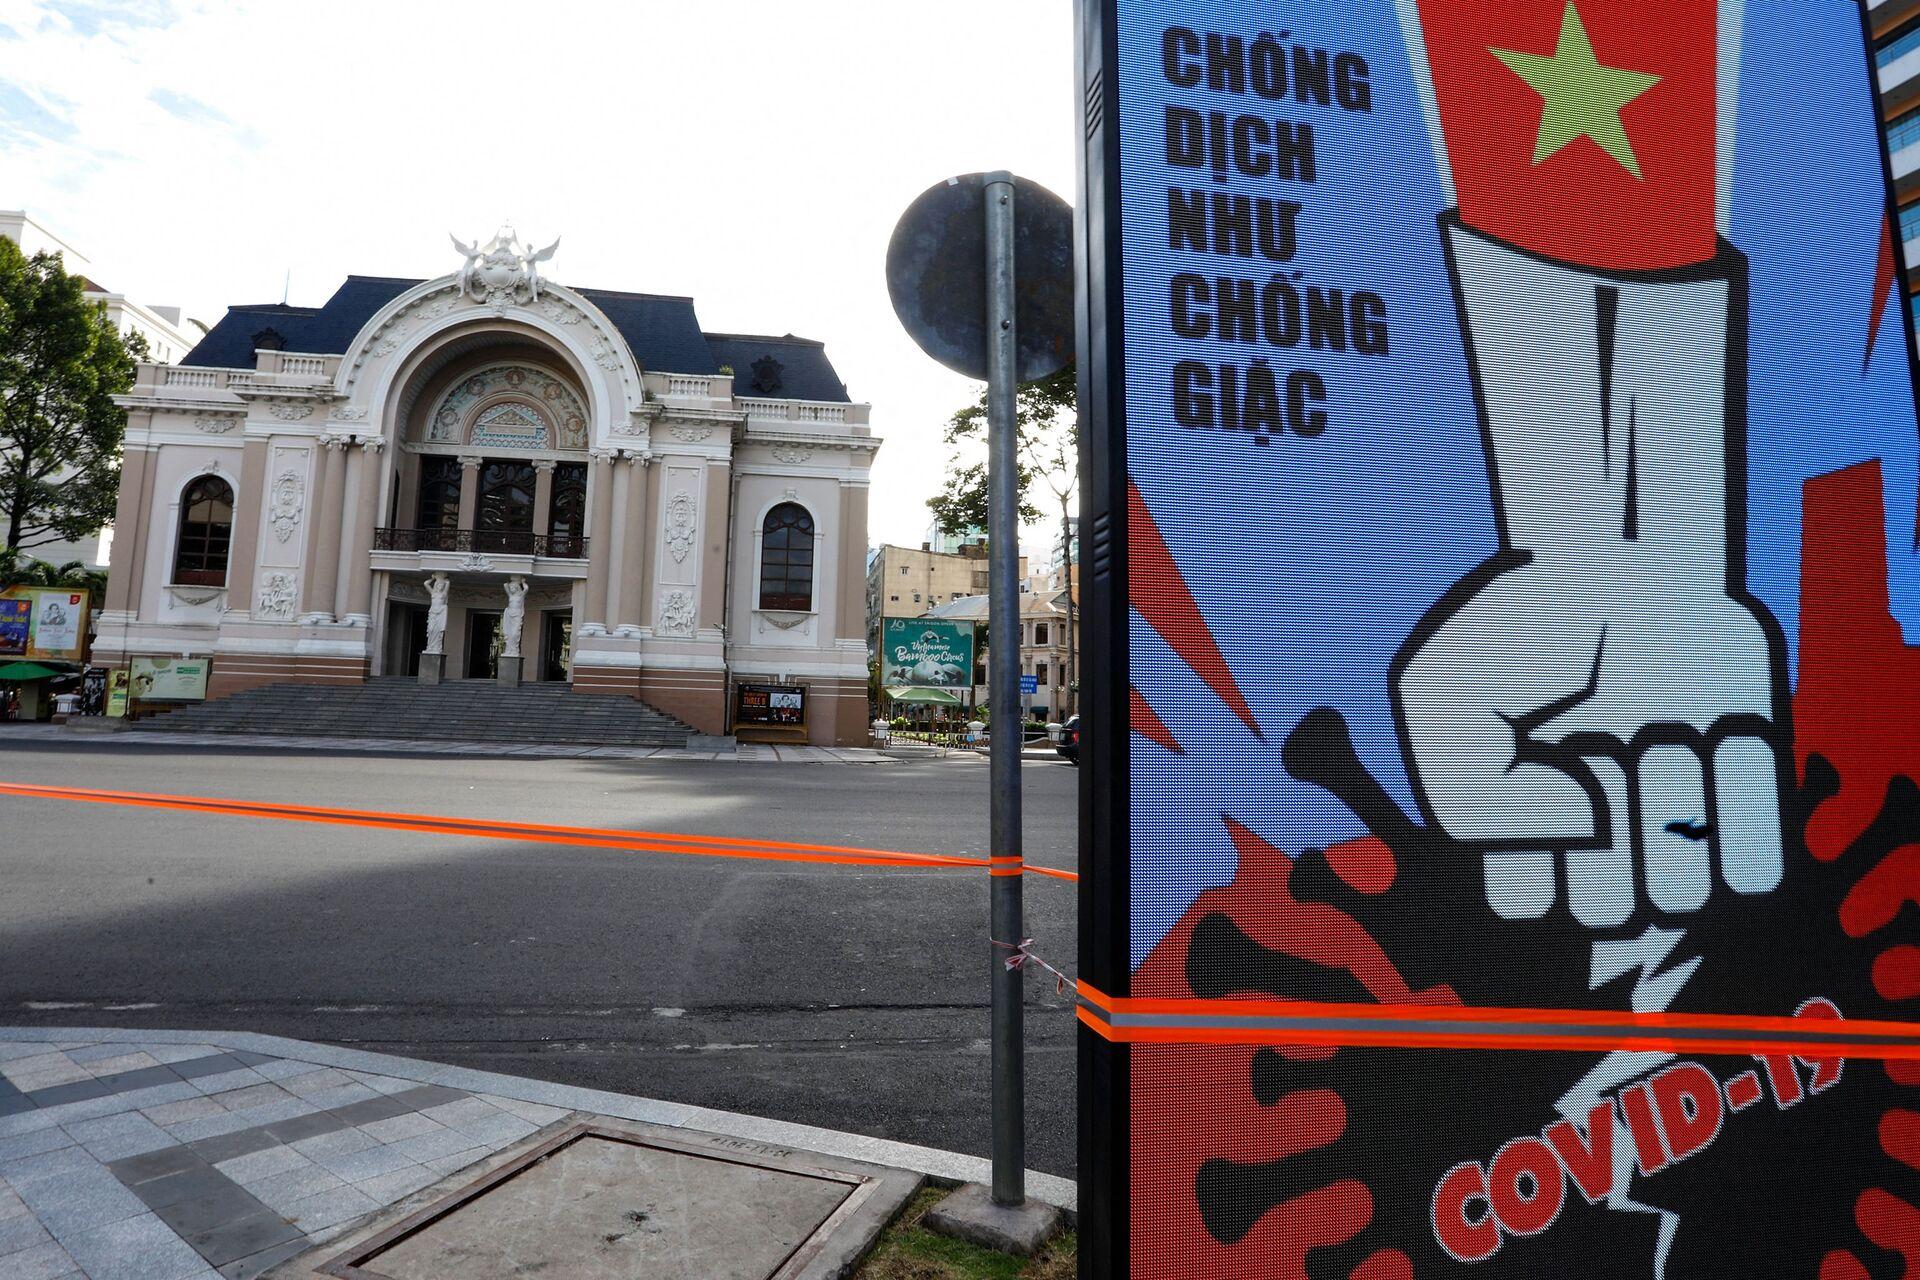 Màn hình điện tử trước Nhà hát Lớn Sài Gòn hiển thị thông báo về cuộc chiến chống Covid-19 vào ngày đầu phong toả ở TP Hồ Chí Minh, Việt Nam. - Sputnik Việt Nam, 1920, 05.10.2021